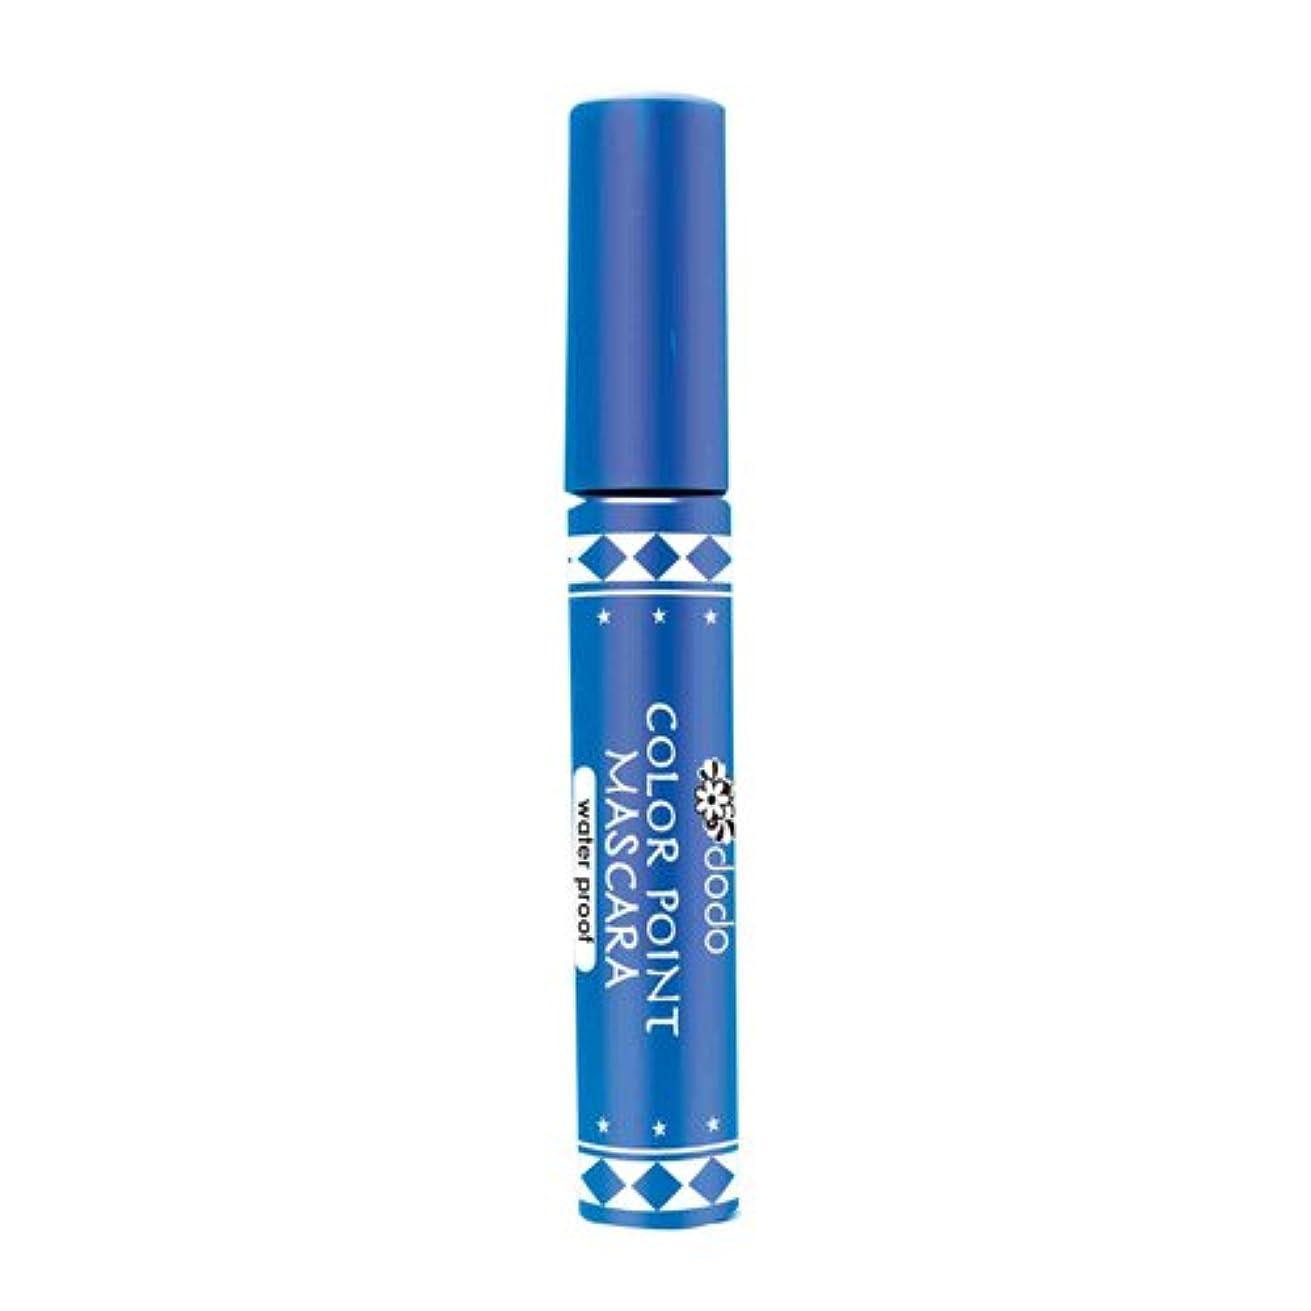 便宜貢献するタップドドメイク カラーポイントマスカラWP CM10 ブルー